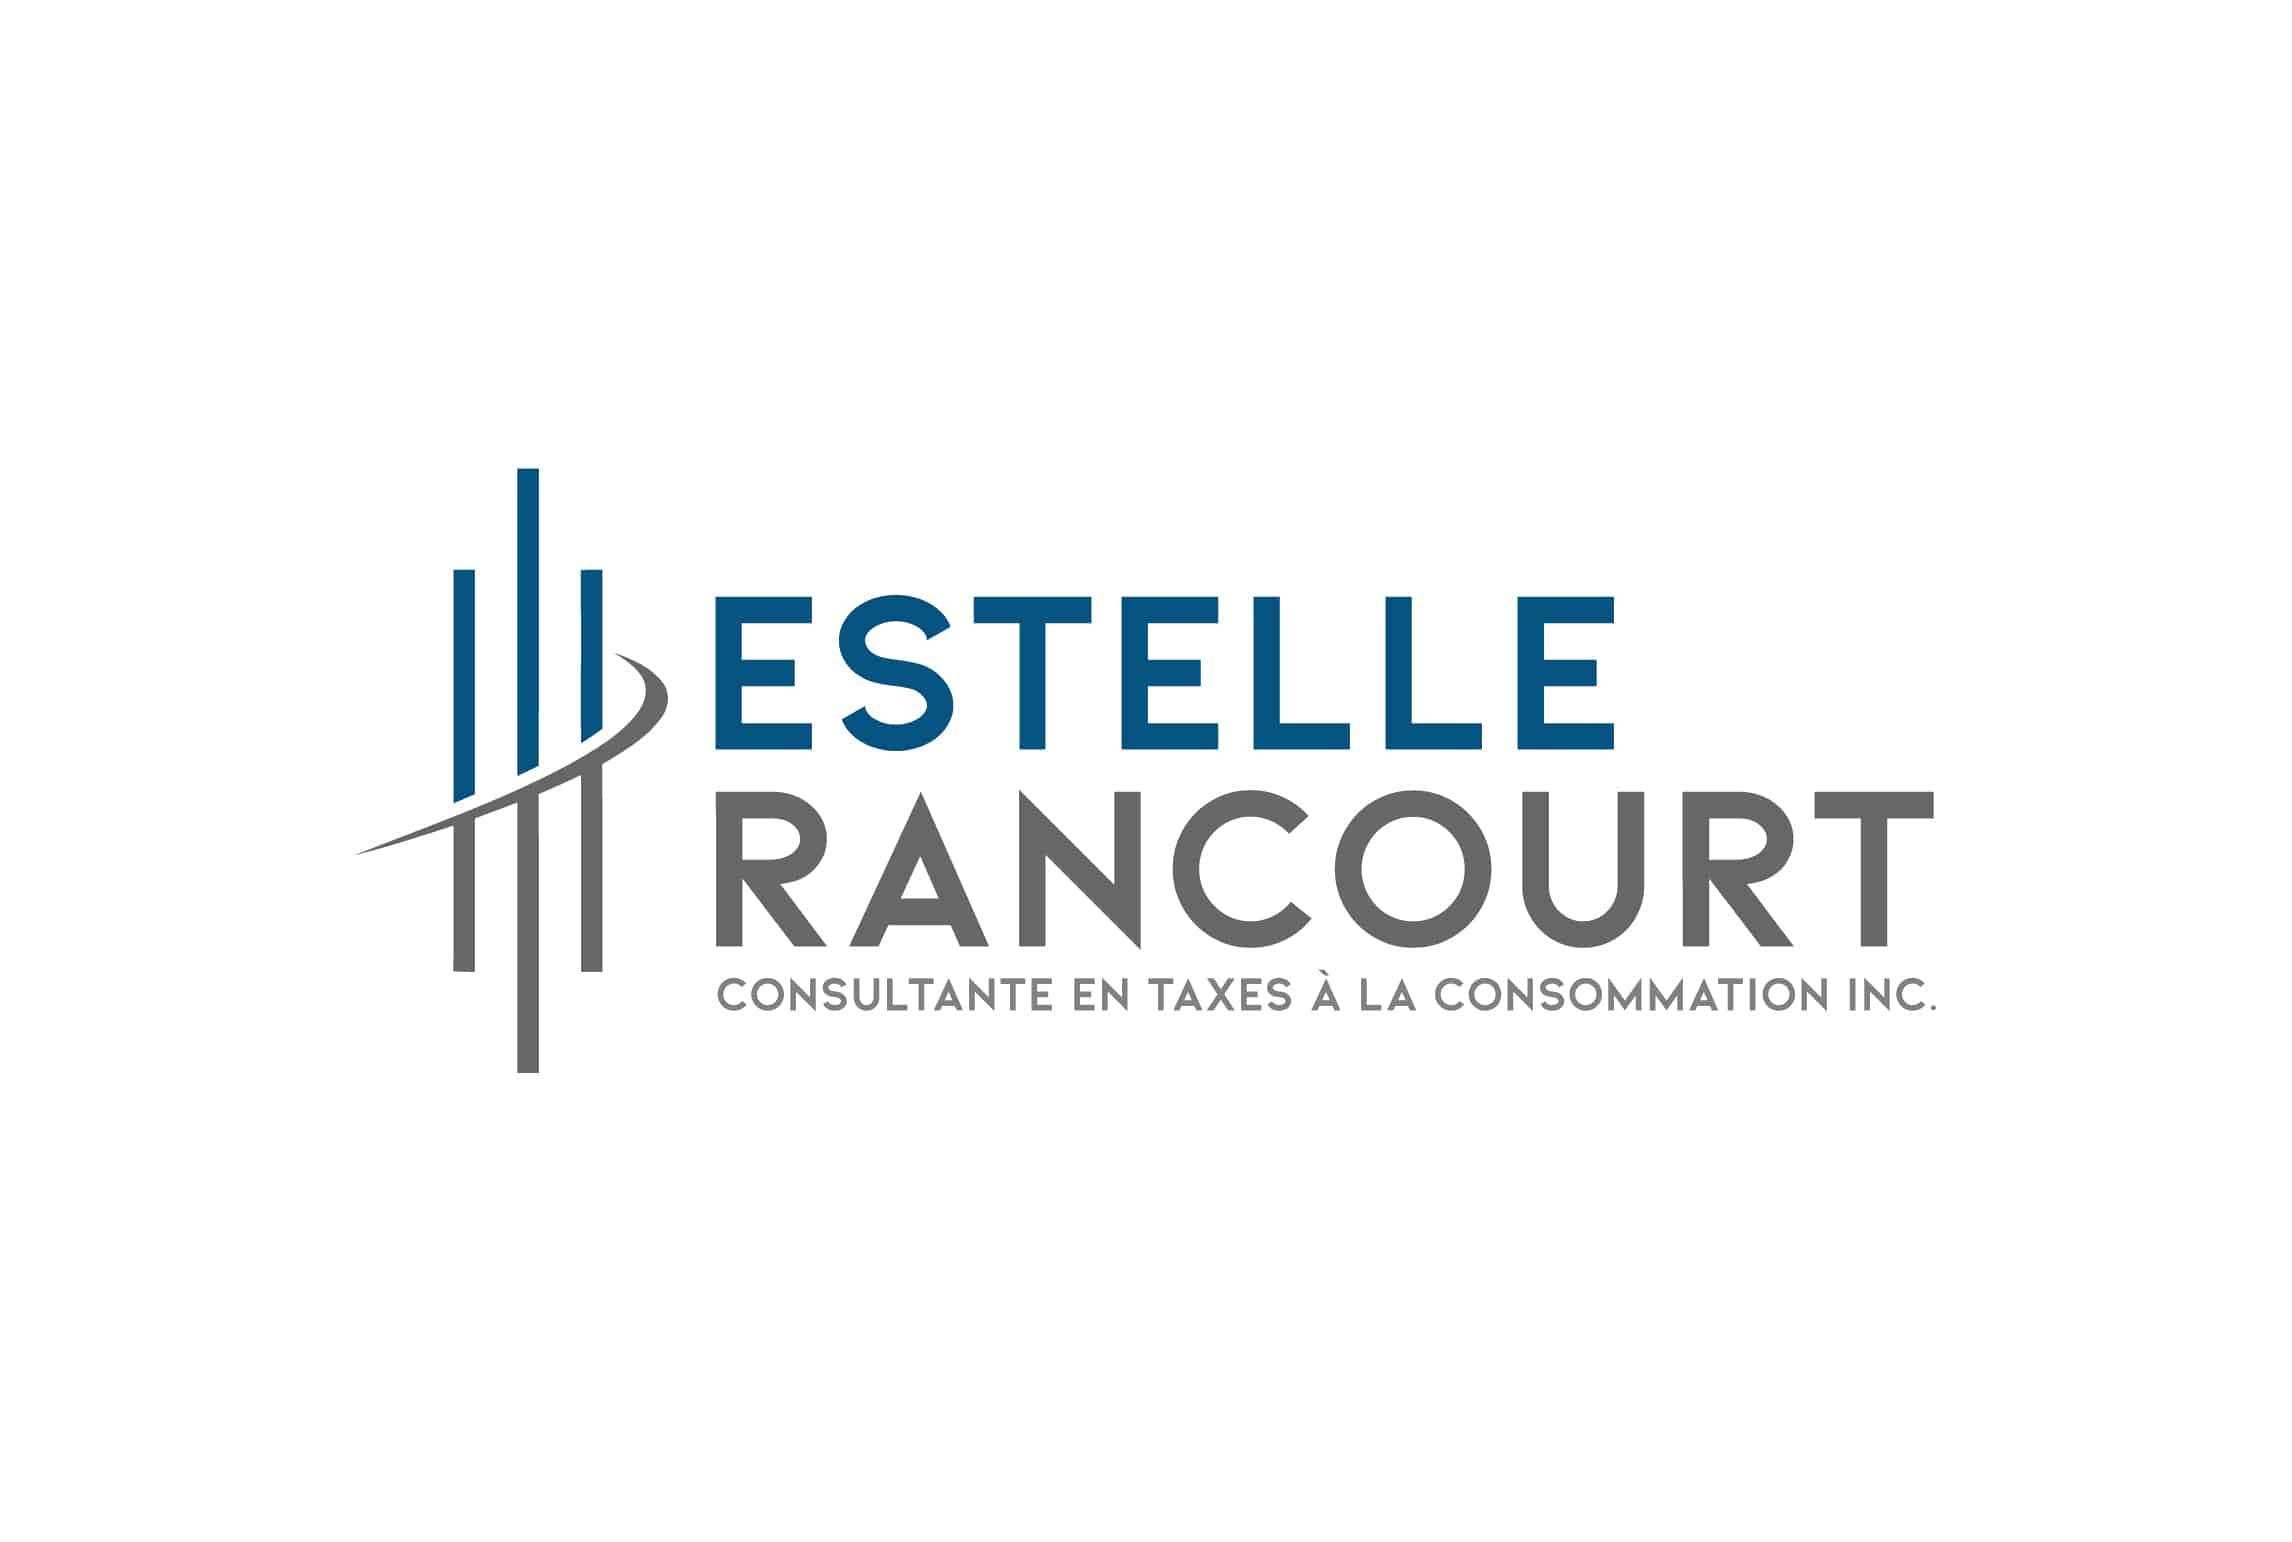 CCI2M - Entreprise - Estelle Rancourt, consultante en taxes à la consommation